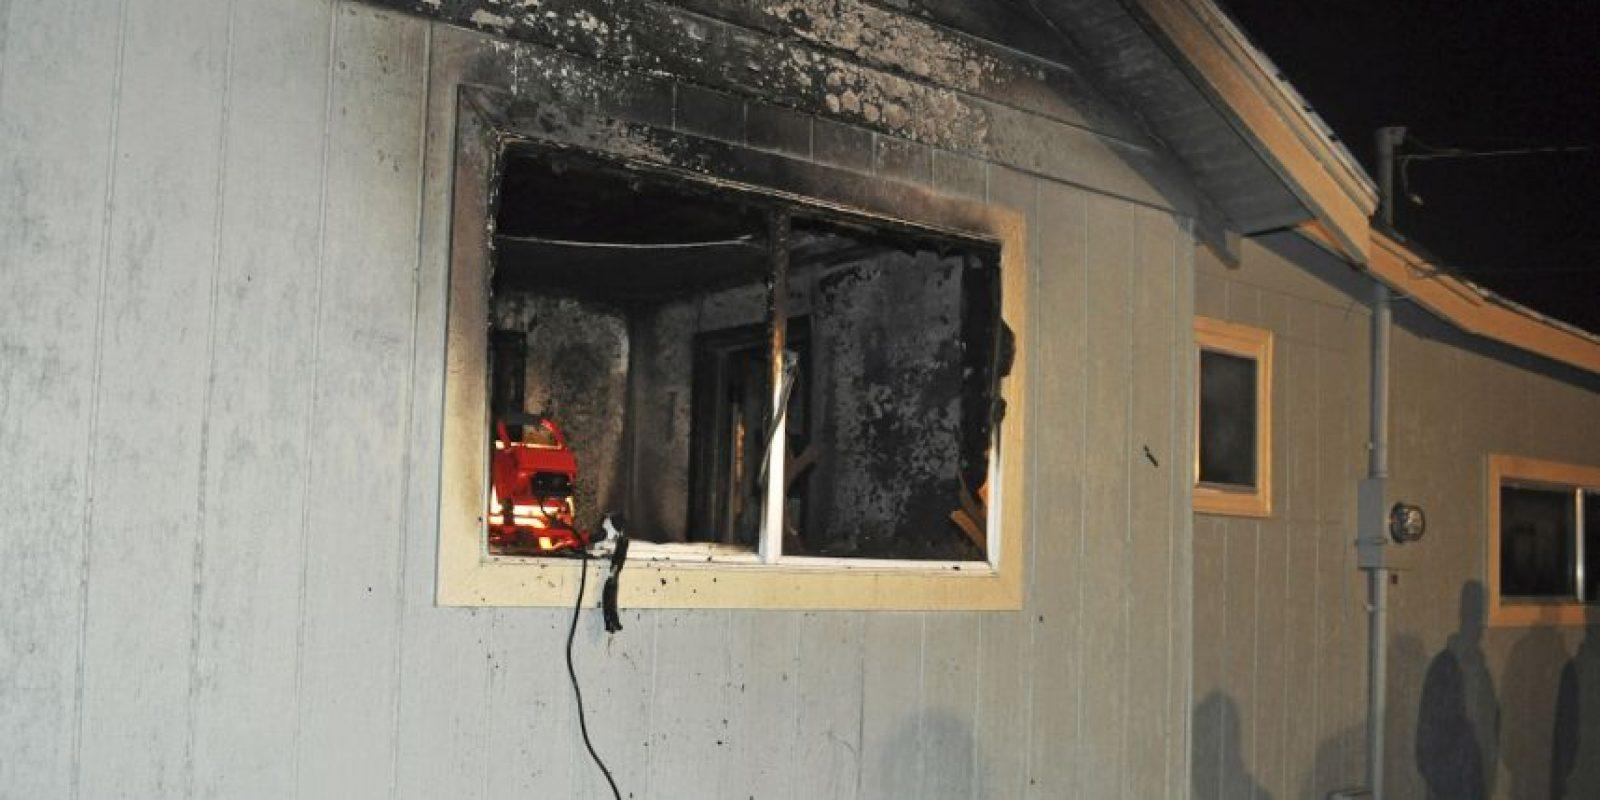 El niño murió cuando su casa se incendió Foto:AP